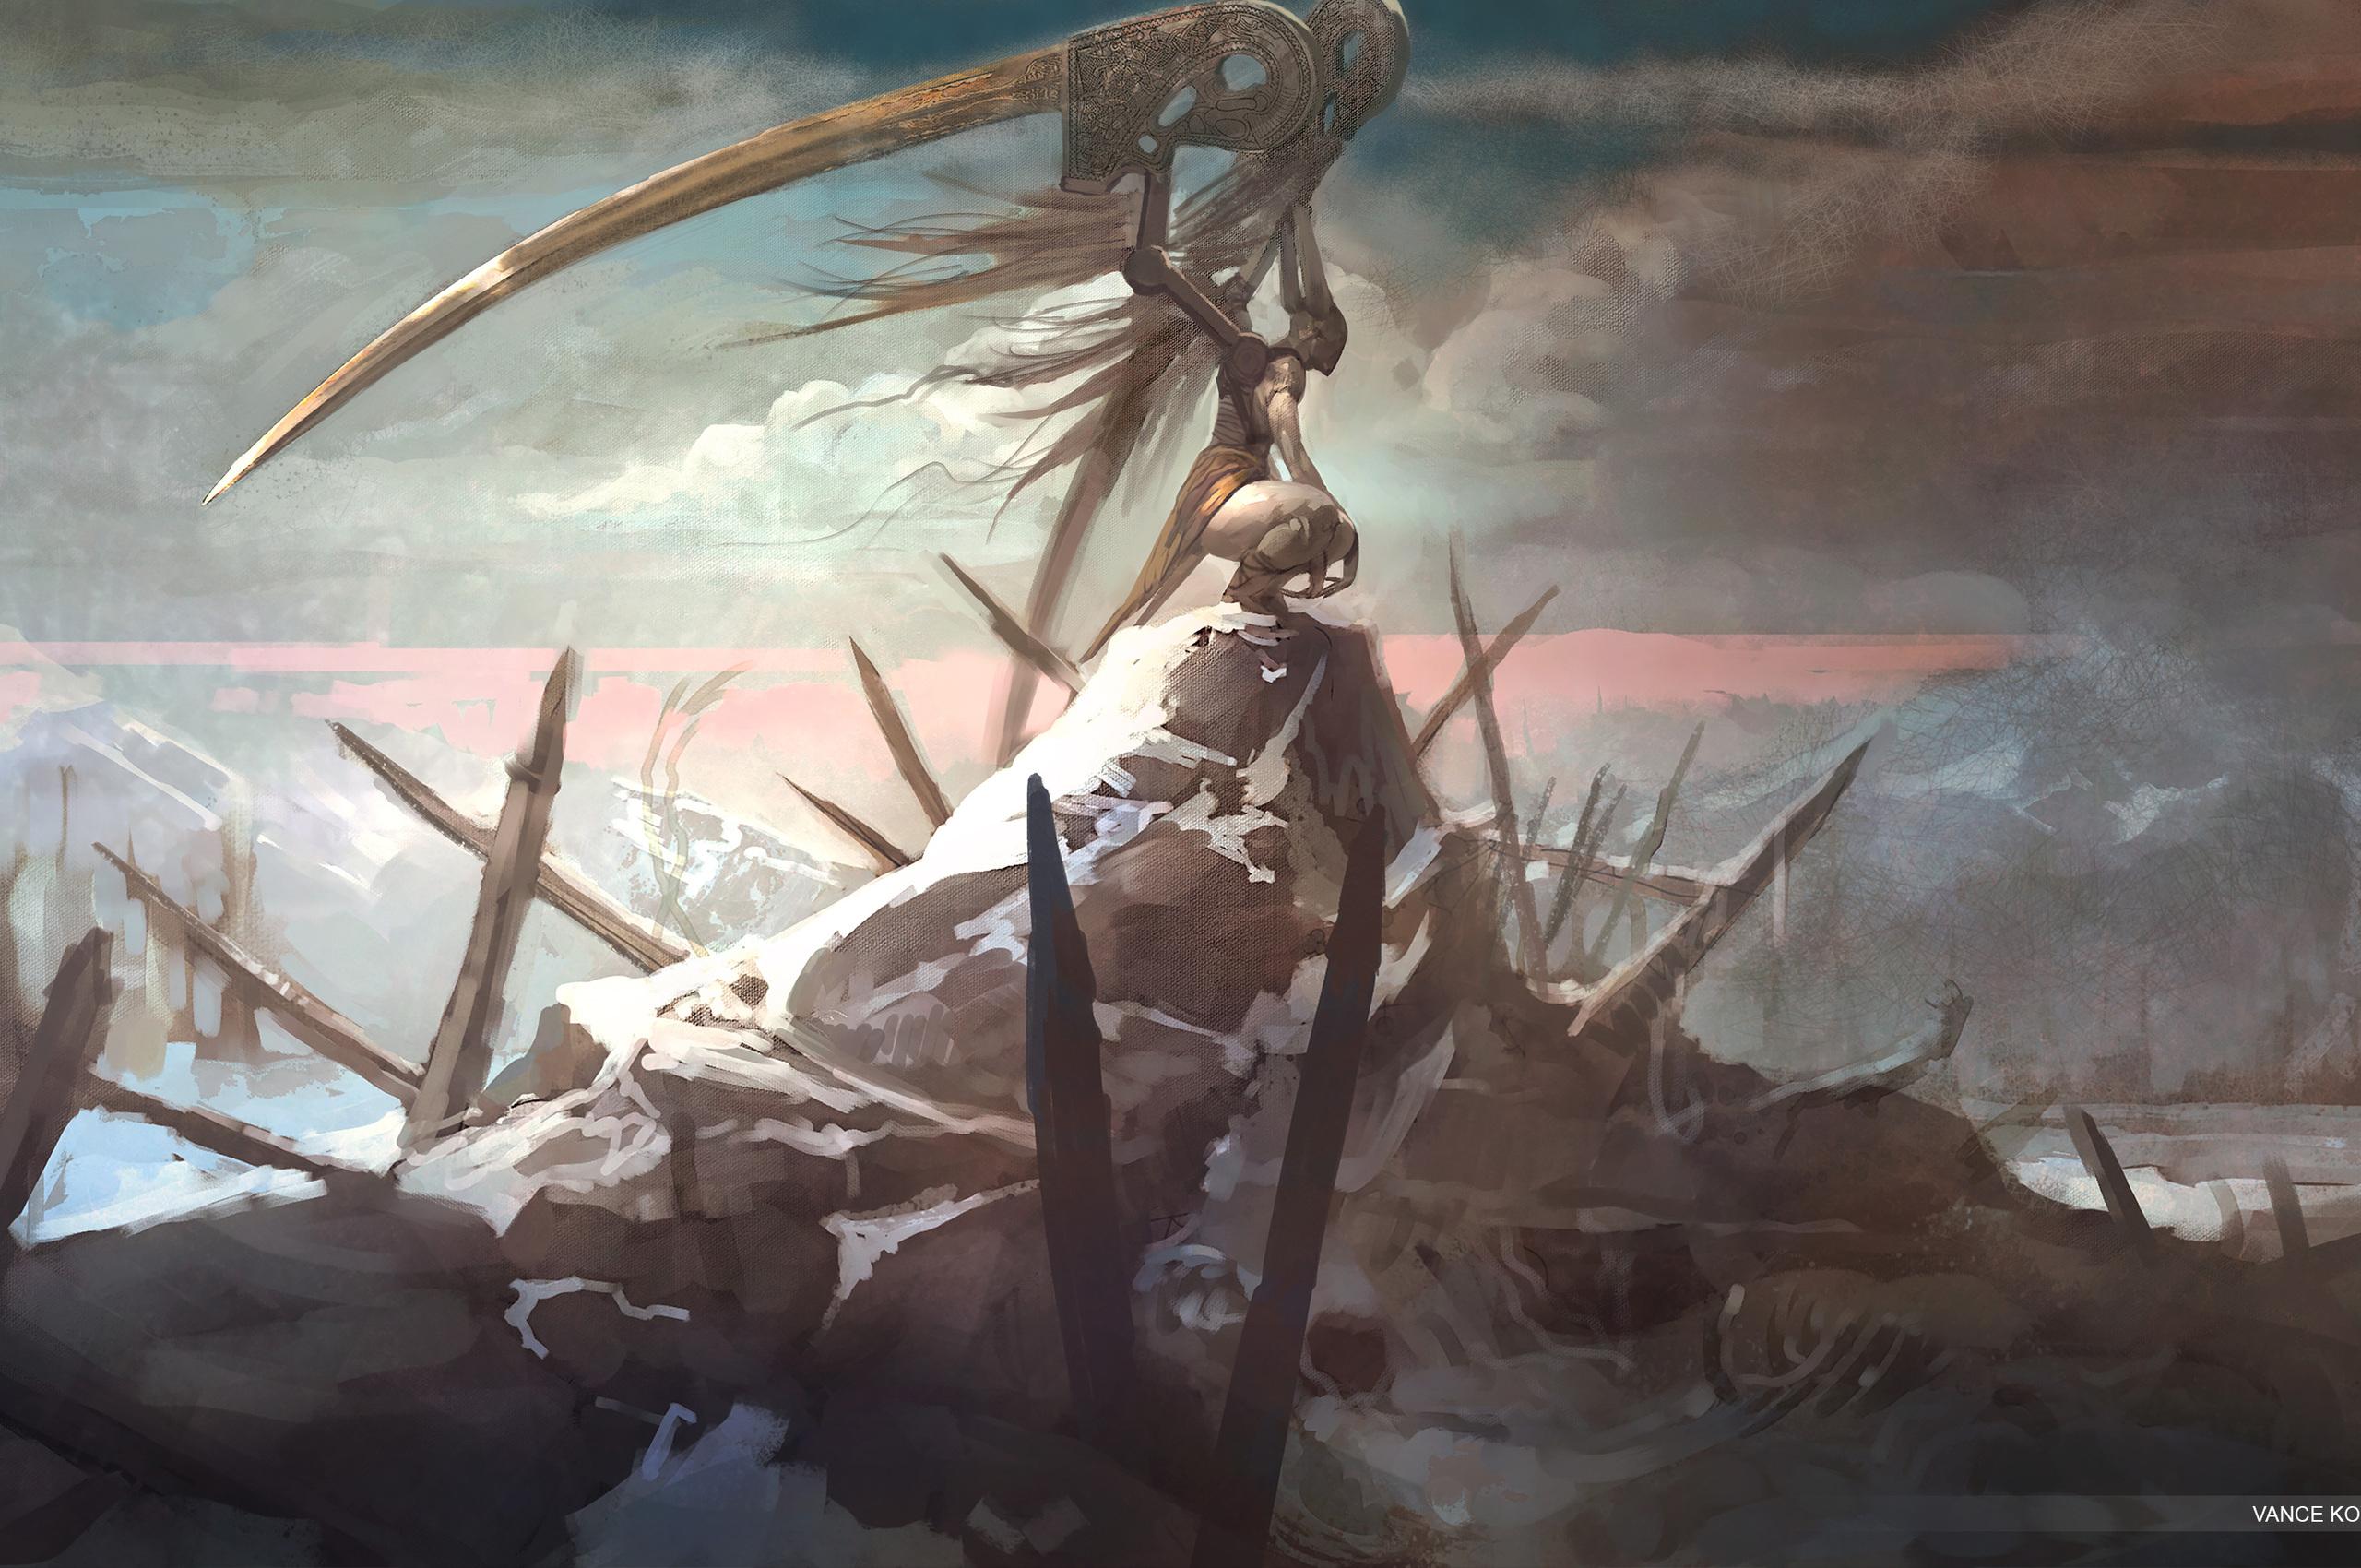 god-of-war-4-artwork-4k-a9.jpg